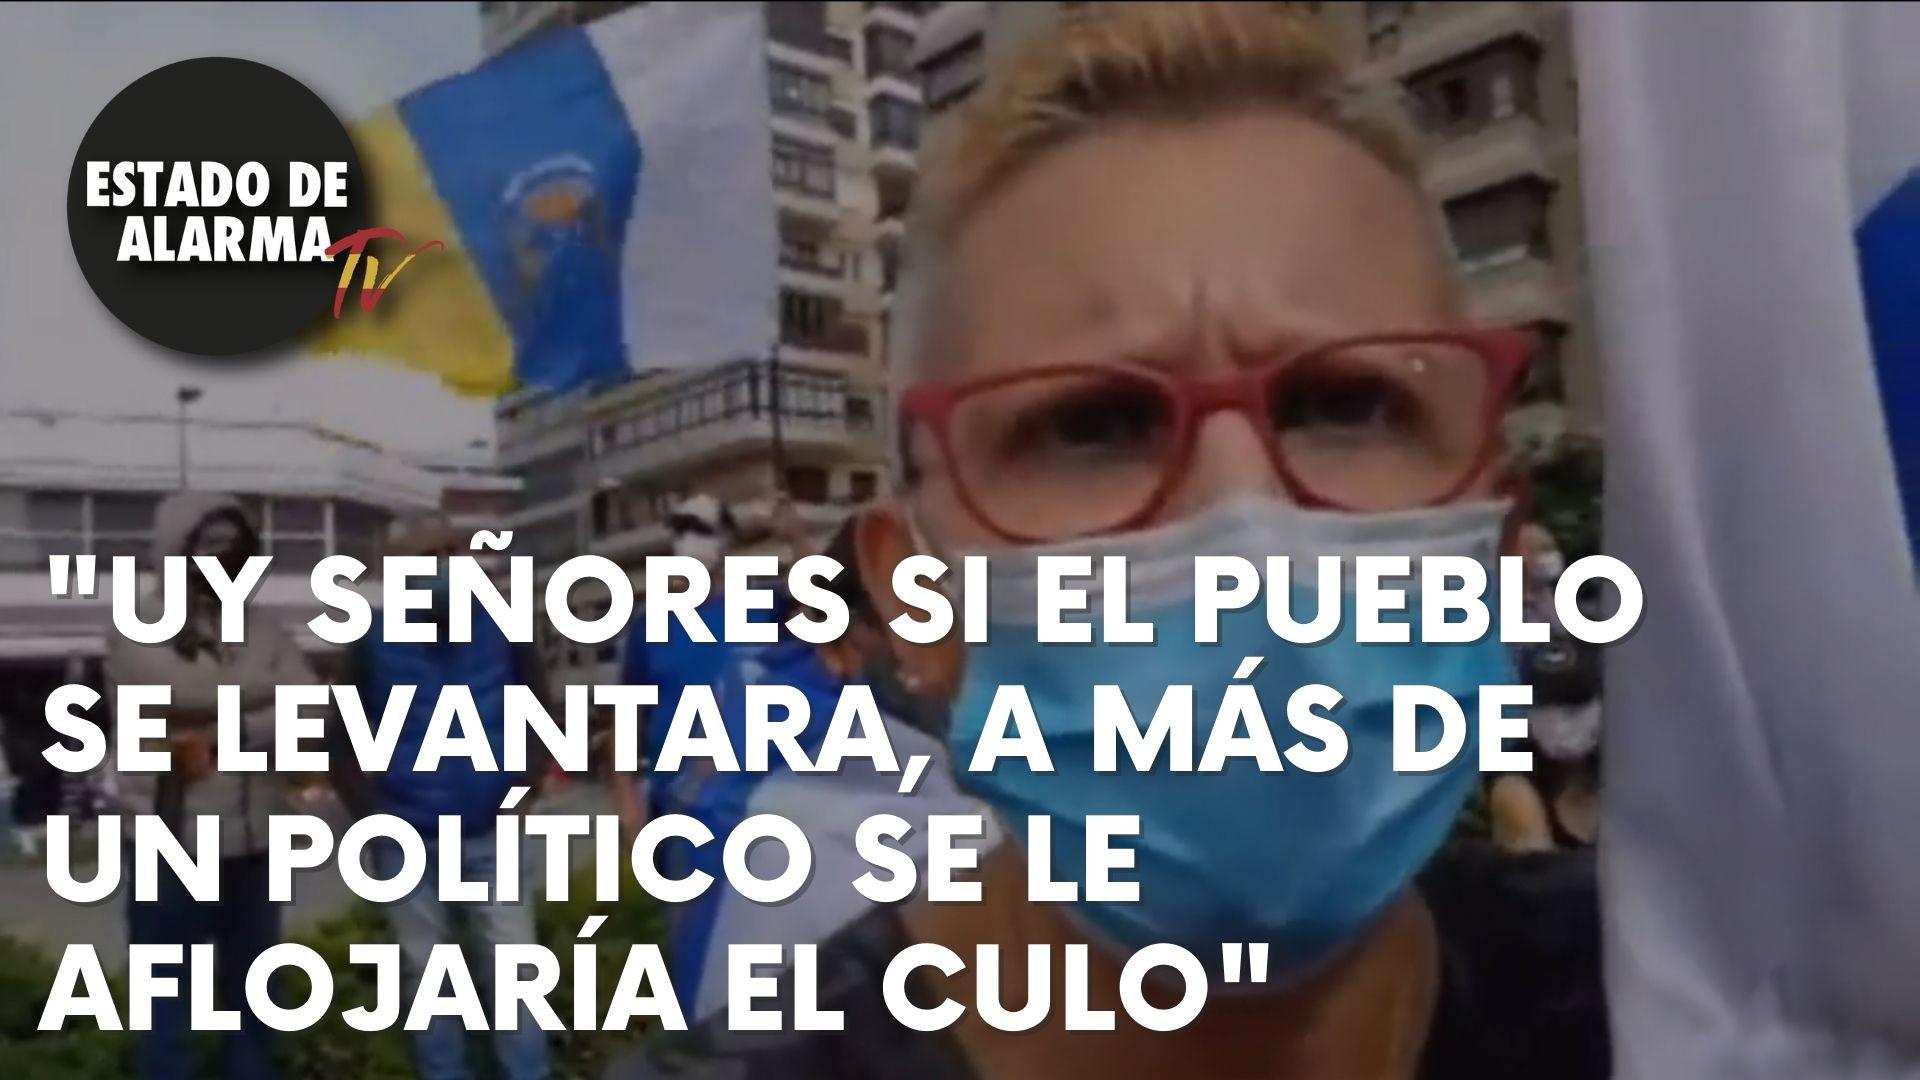 ¡CLAMOR de los CANARIOS! ESTADO DE ALARMA da voz a la INDIGNACIÓN contra LA INVASIÓN de ILEGALES